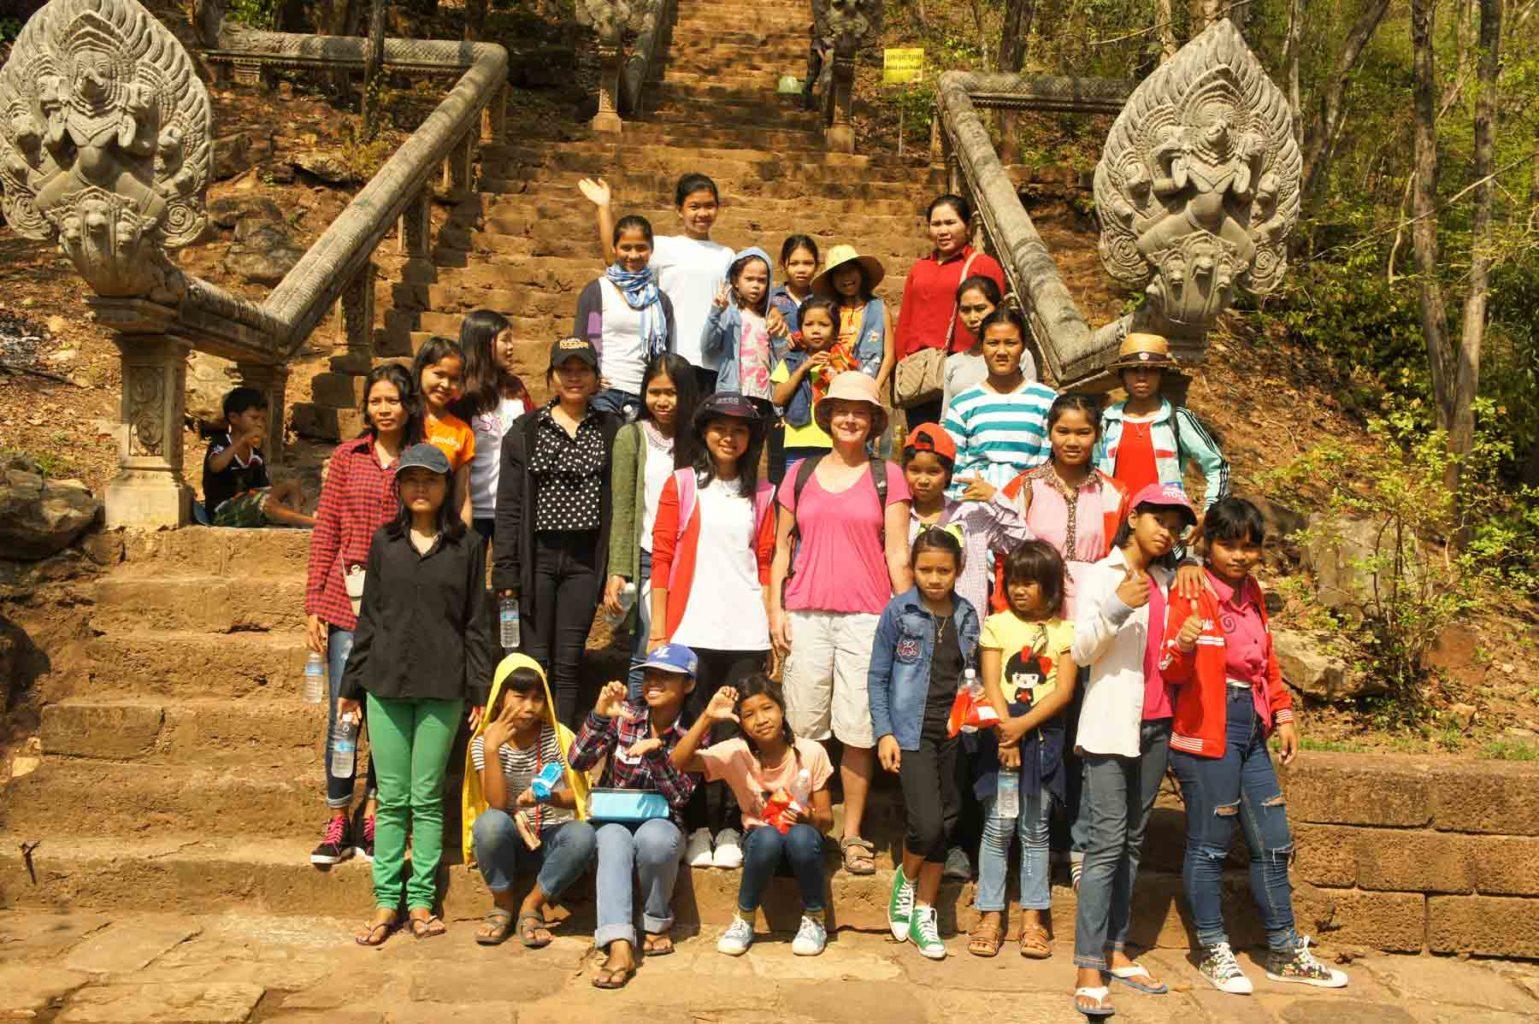 La neuchâteloise Nicole Reinhardt en mission humanitaire lors d'une sortie avec les enfants du refuge